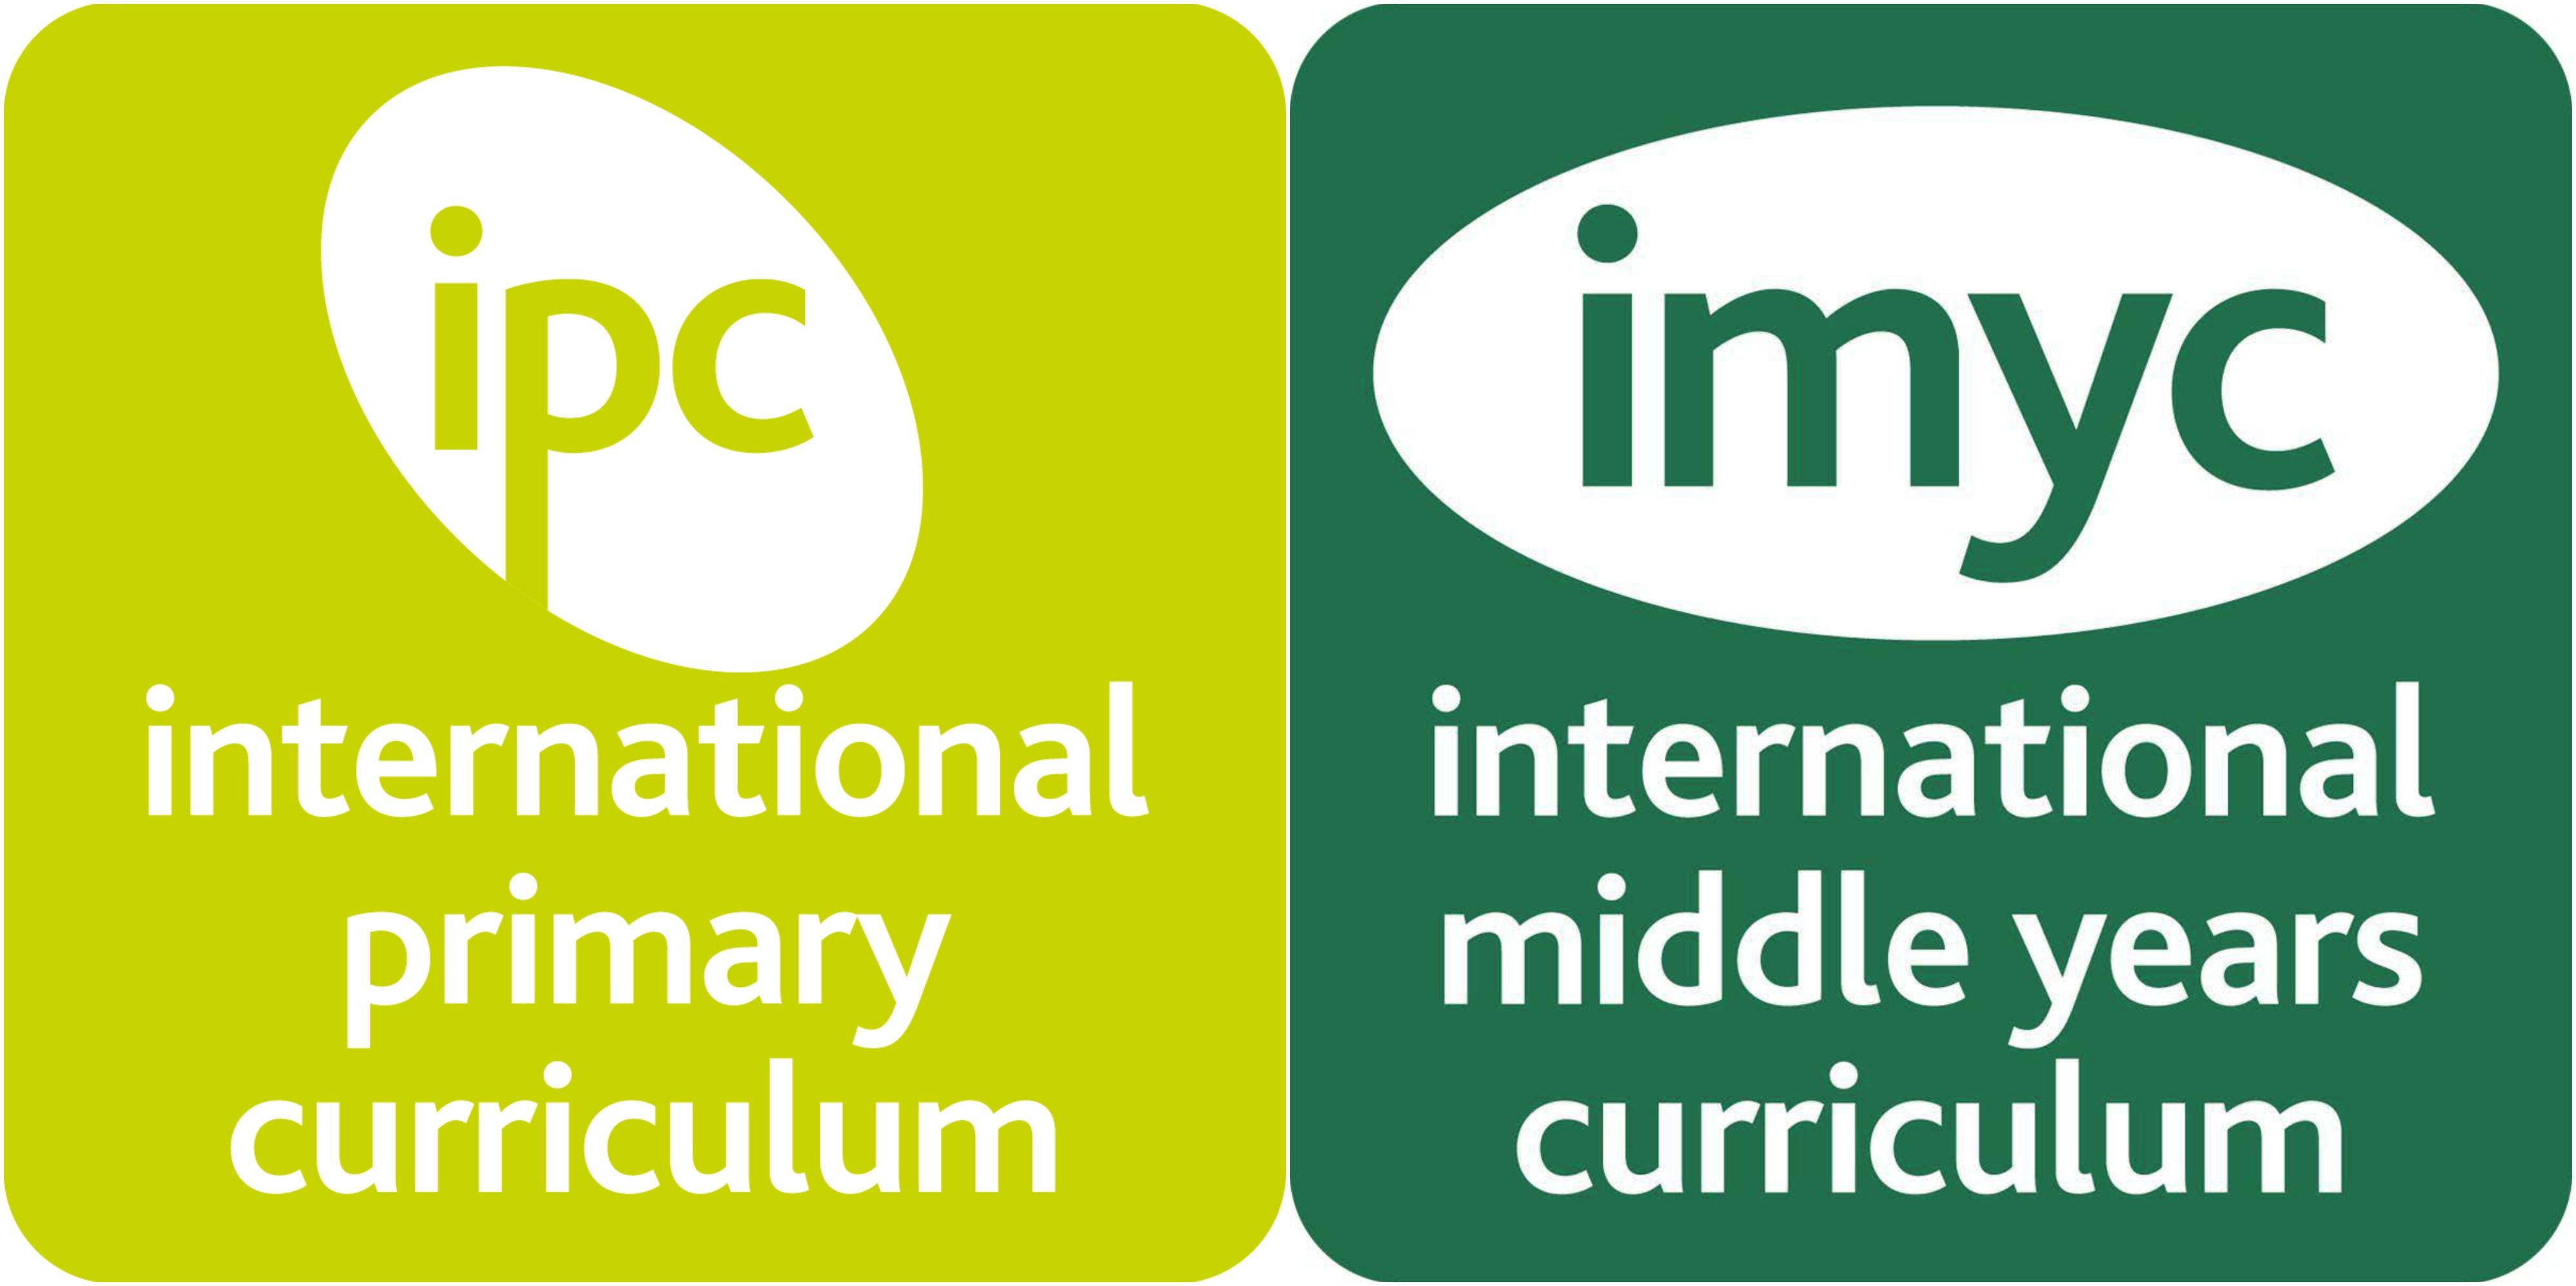 Английн Олон Улсын Бага, Дунд хөтөлбөр хэрэгжиж эхэлнэ